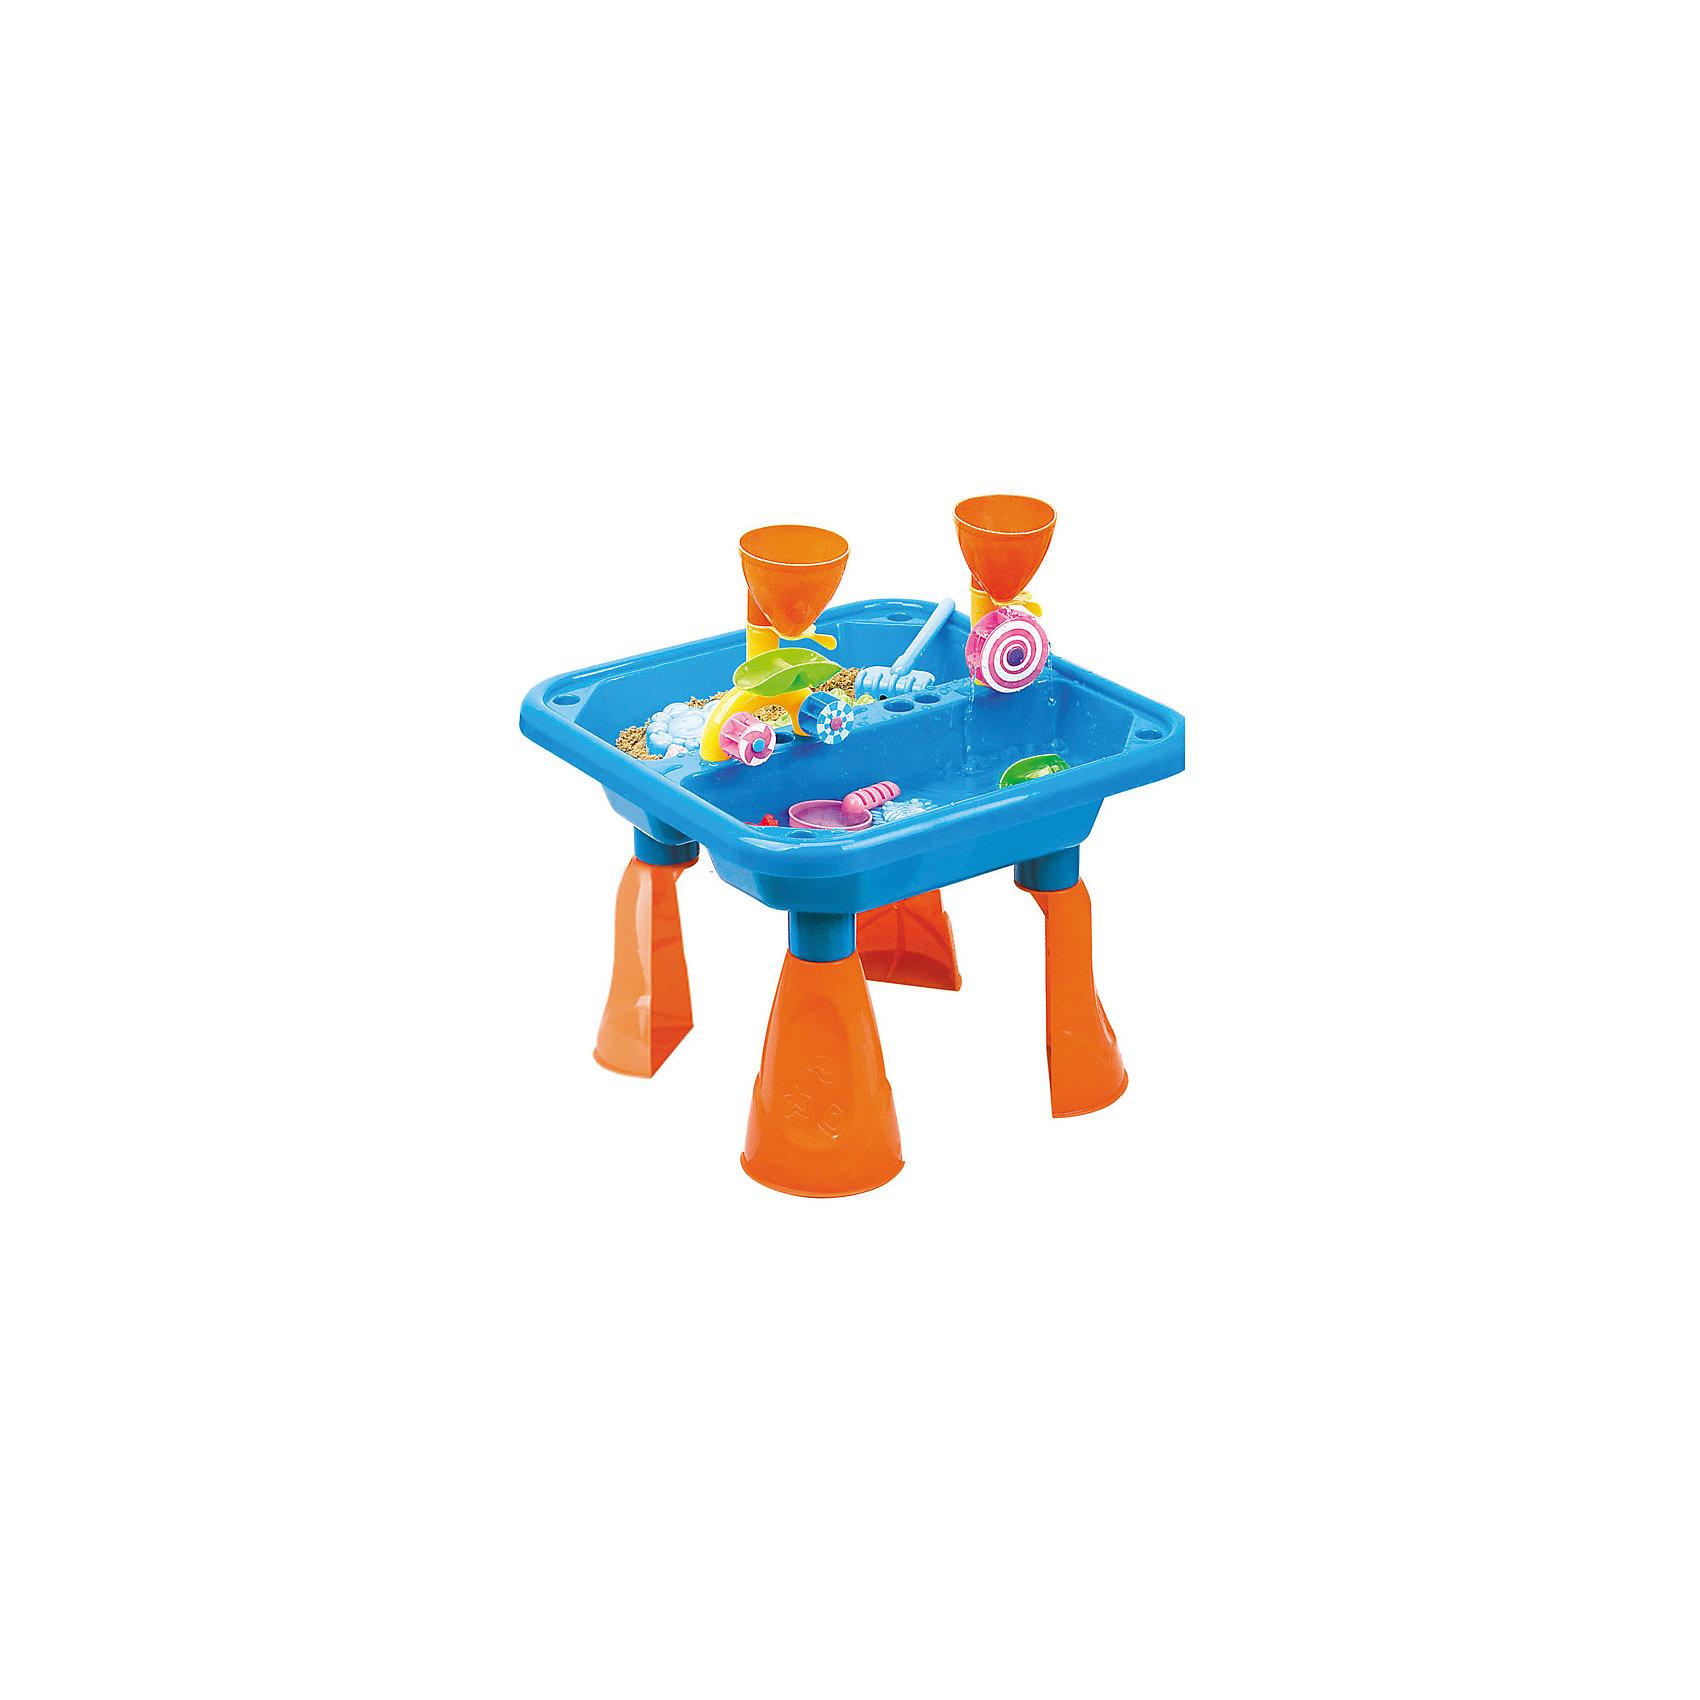 Стол для игр с песком и водой Водяные мельницы, Hualian ToysВеселый набор для игр с песком Водяные мельницы - для будущих инженеров. Приобщайте ребенка к науке с самого детства в игровой форме! (в комплекте набор для песка  из 18 предметов, 48*48*H36)<br><br>Ширина мм: 483<br>Глубина мм: 160<br>Высота мм: 483<br>Вес г: 2000<br>Возраст от месяцев: 36<br>Возраст до месяцев: 72<br>Пол: Унисекс<br>Возраст: Детский<br>SKU: 4150558